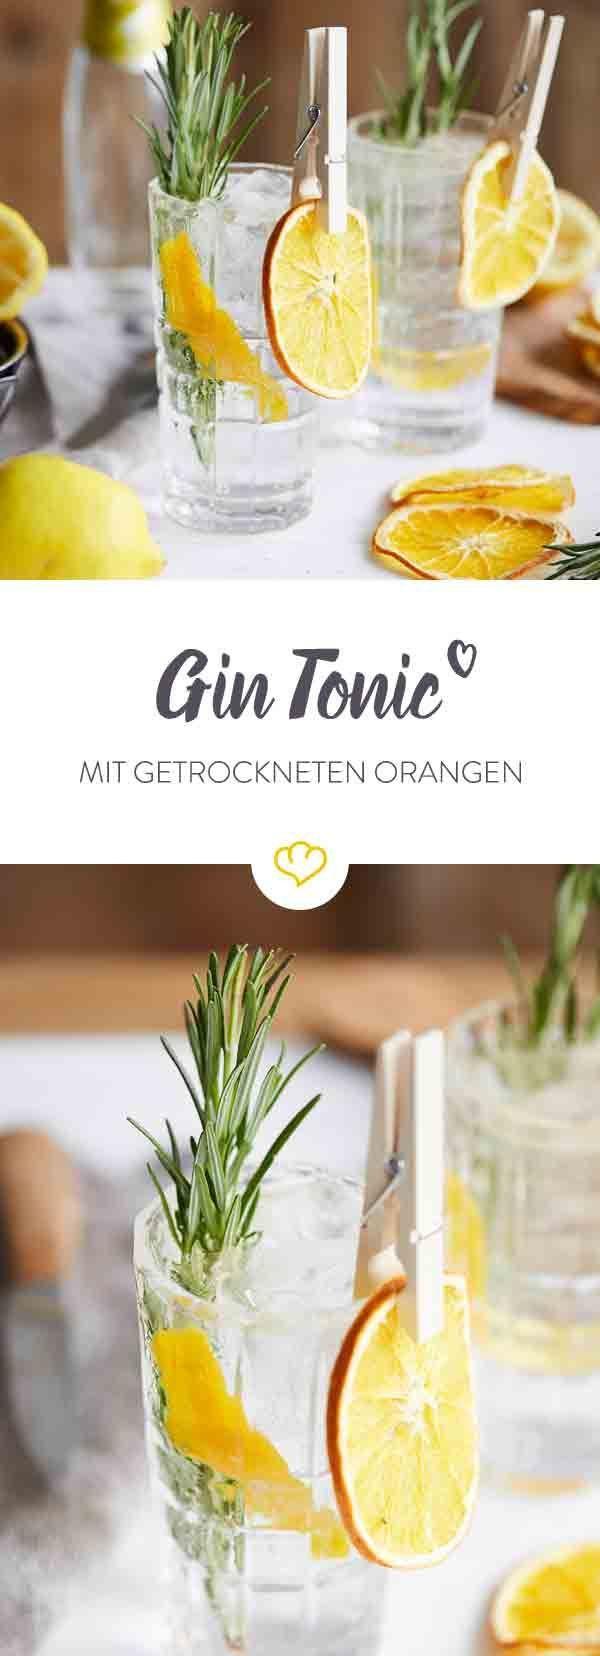 Dieser fantastische Gin Tonic vereint frischen Orangenduft mit kräutrigem Wild-Rosmarin. Der Twist ist ein gedörrtes, knackig süßes Orangenrad als Snack.